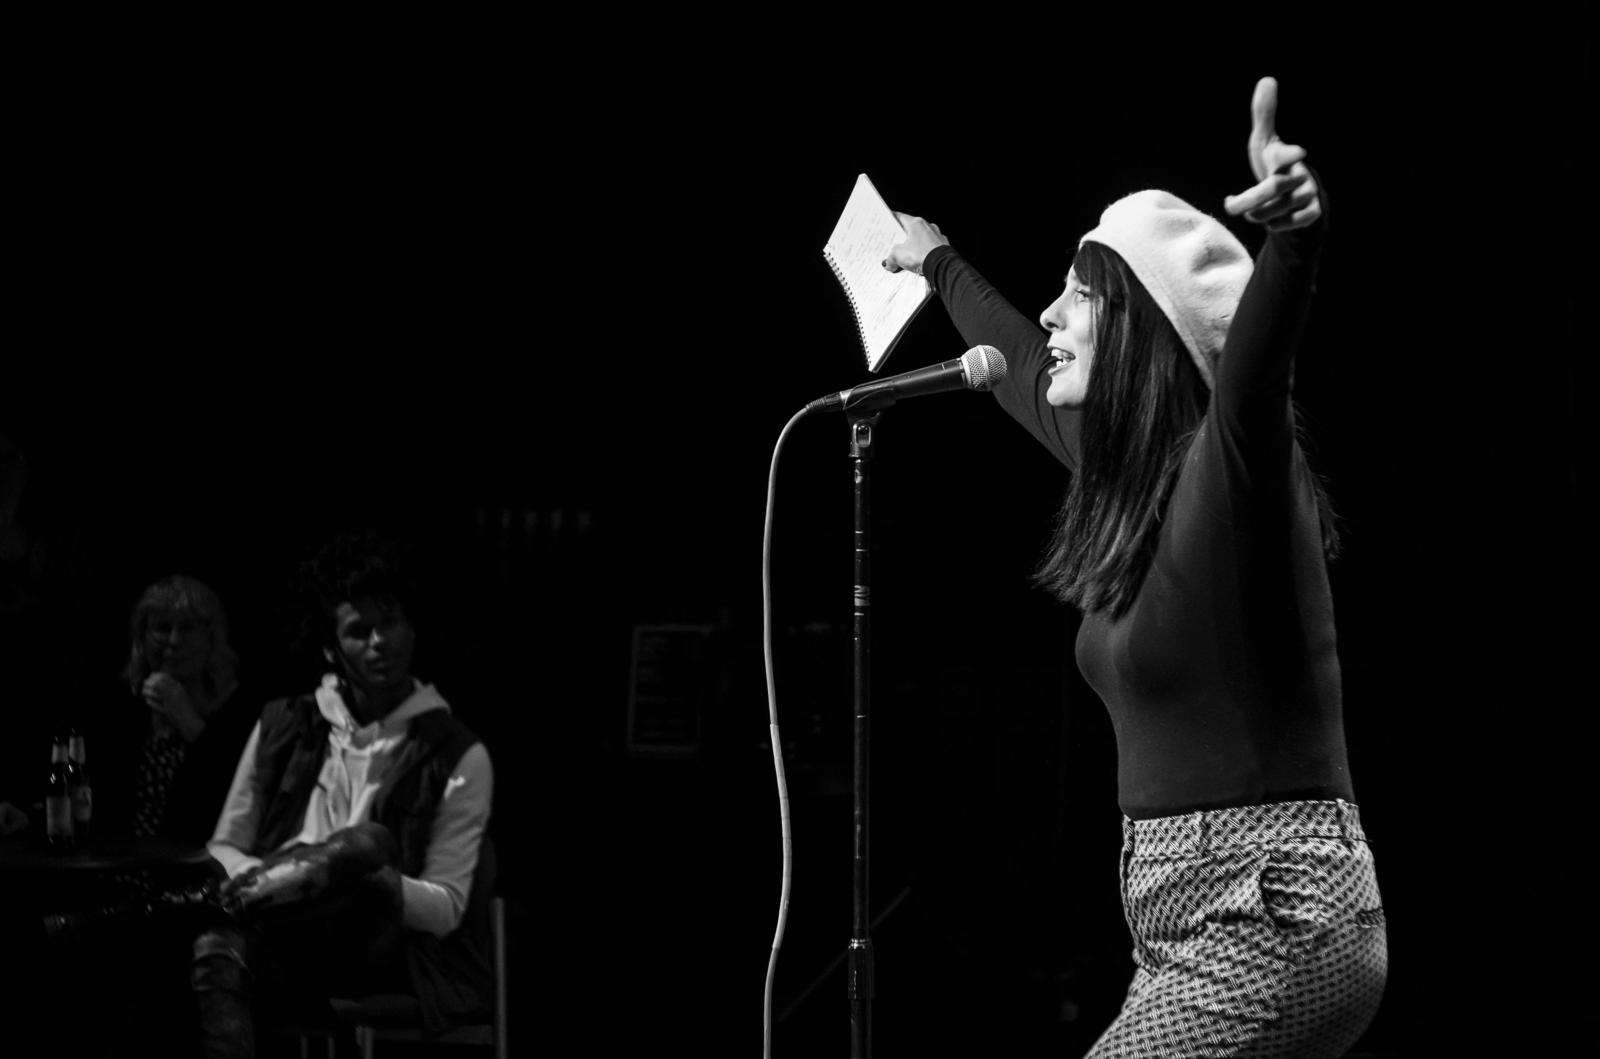 Nymphs & Thugs | LIVEwire Manchester | Toria Garbutt